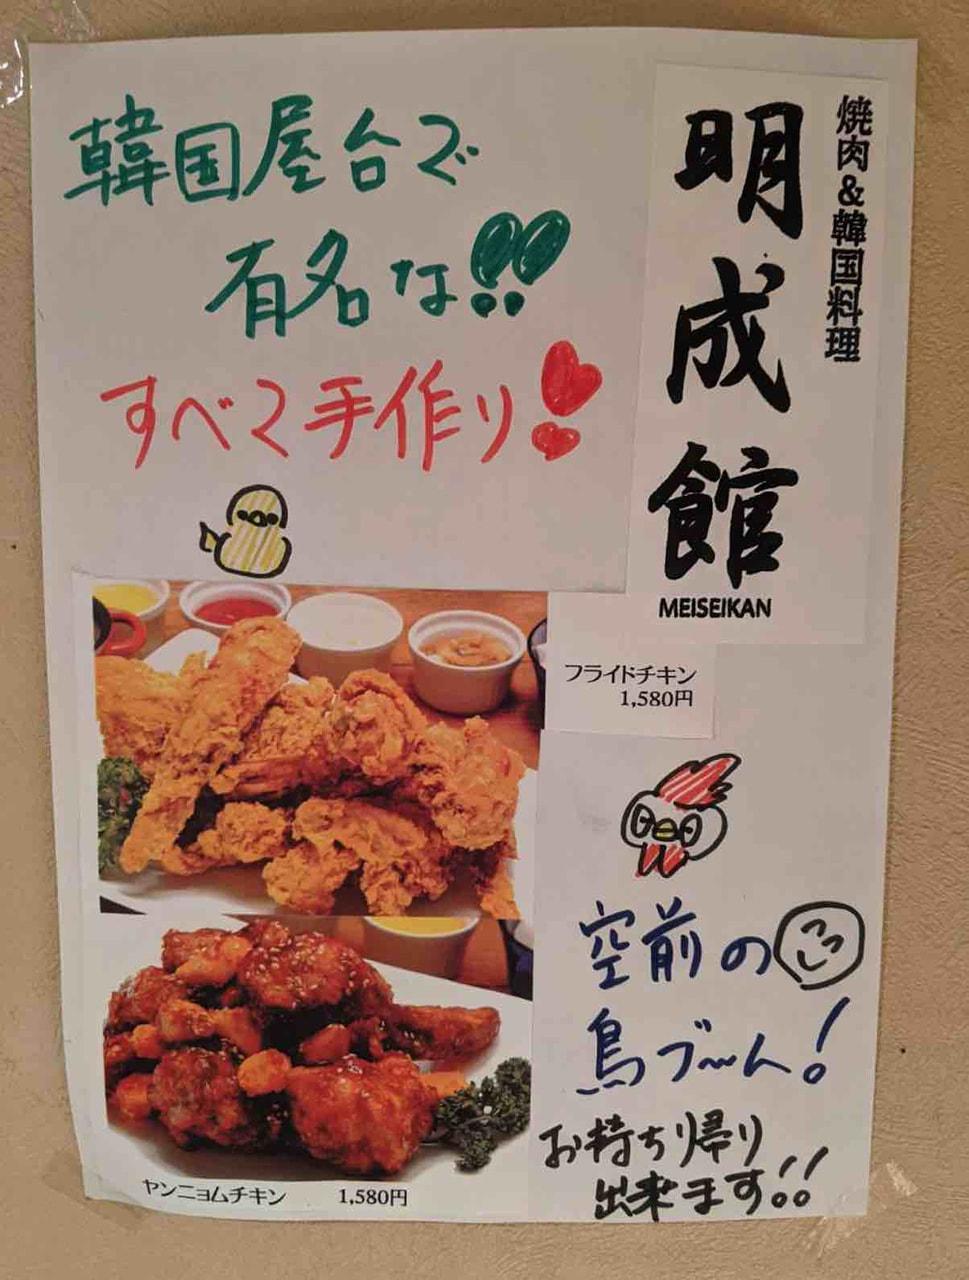 焼肉 明成館 駅前店(和光市)のテイクアウトメニュー